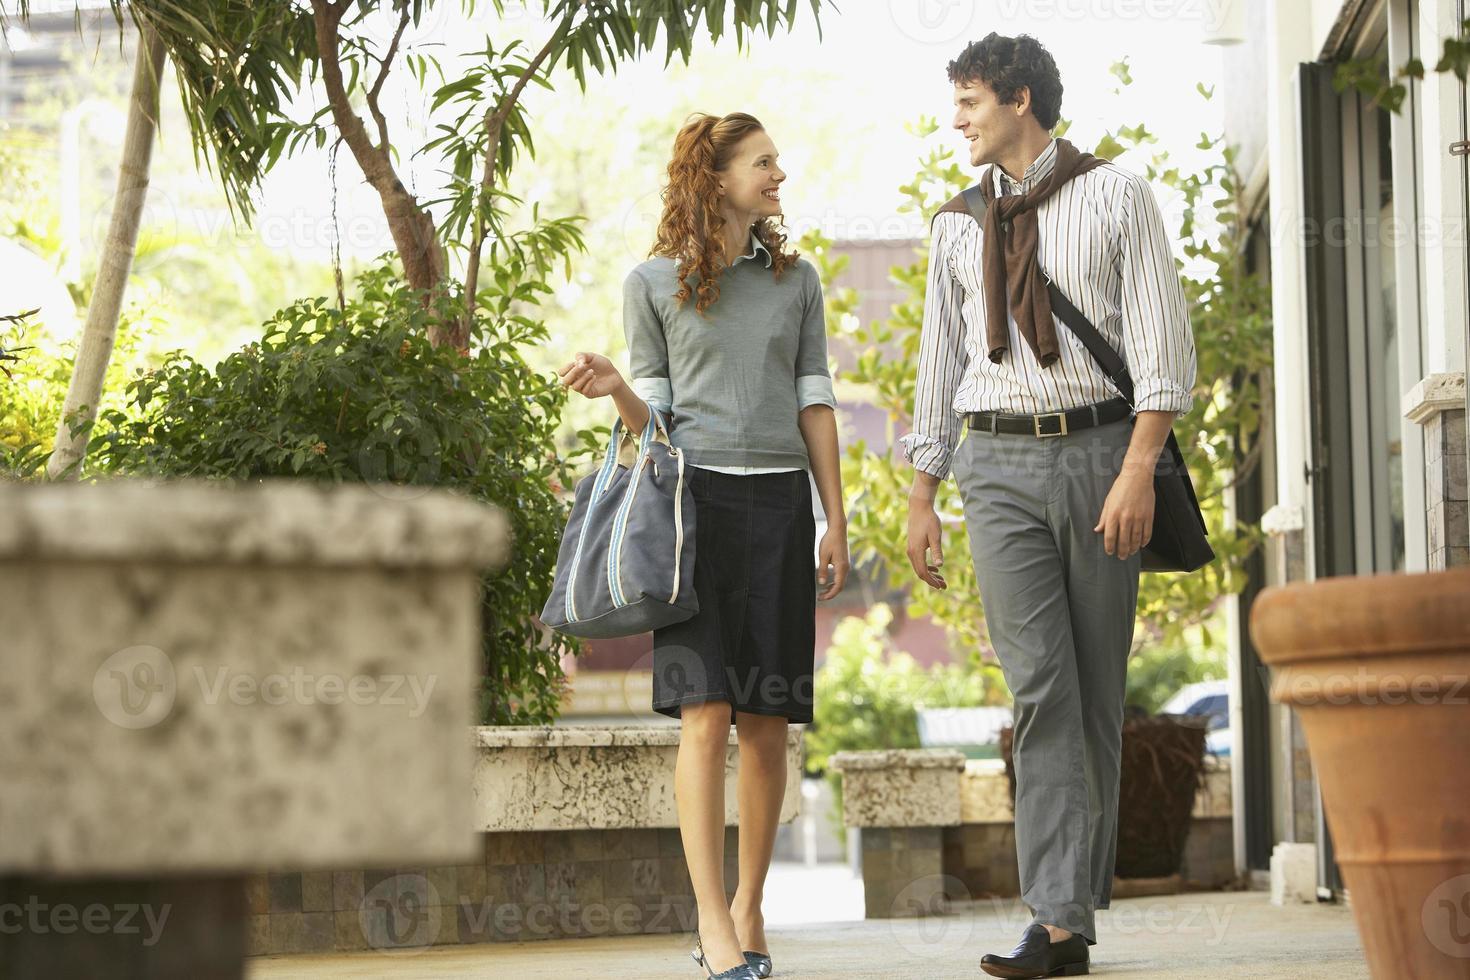 felici uomini d'affari che camminano sul marciapiede foto